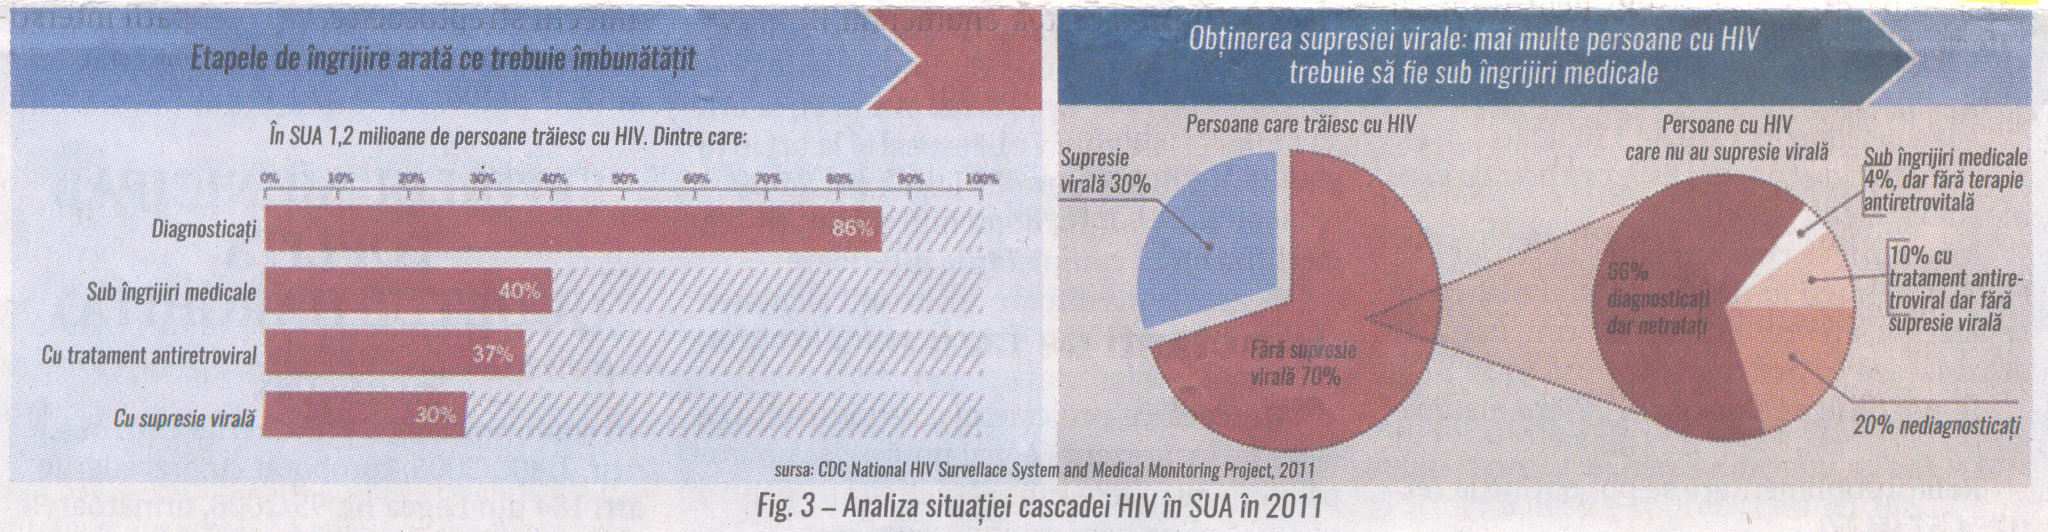 fig.3 Analiza situatiei cascadei HIV in SUA in 2011